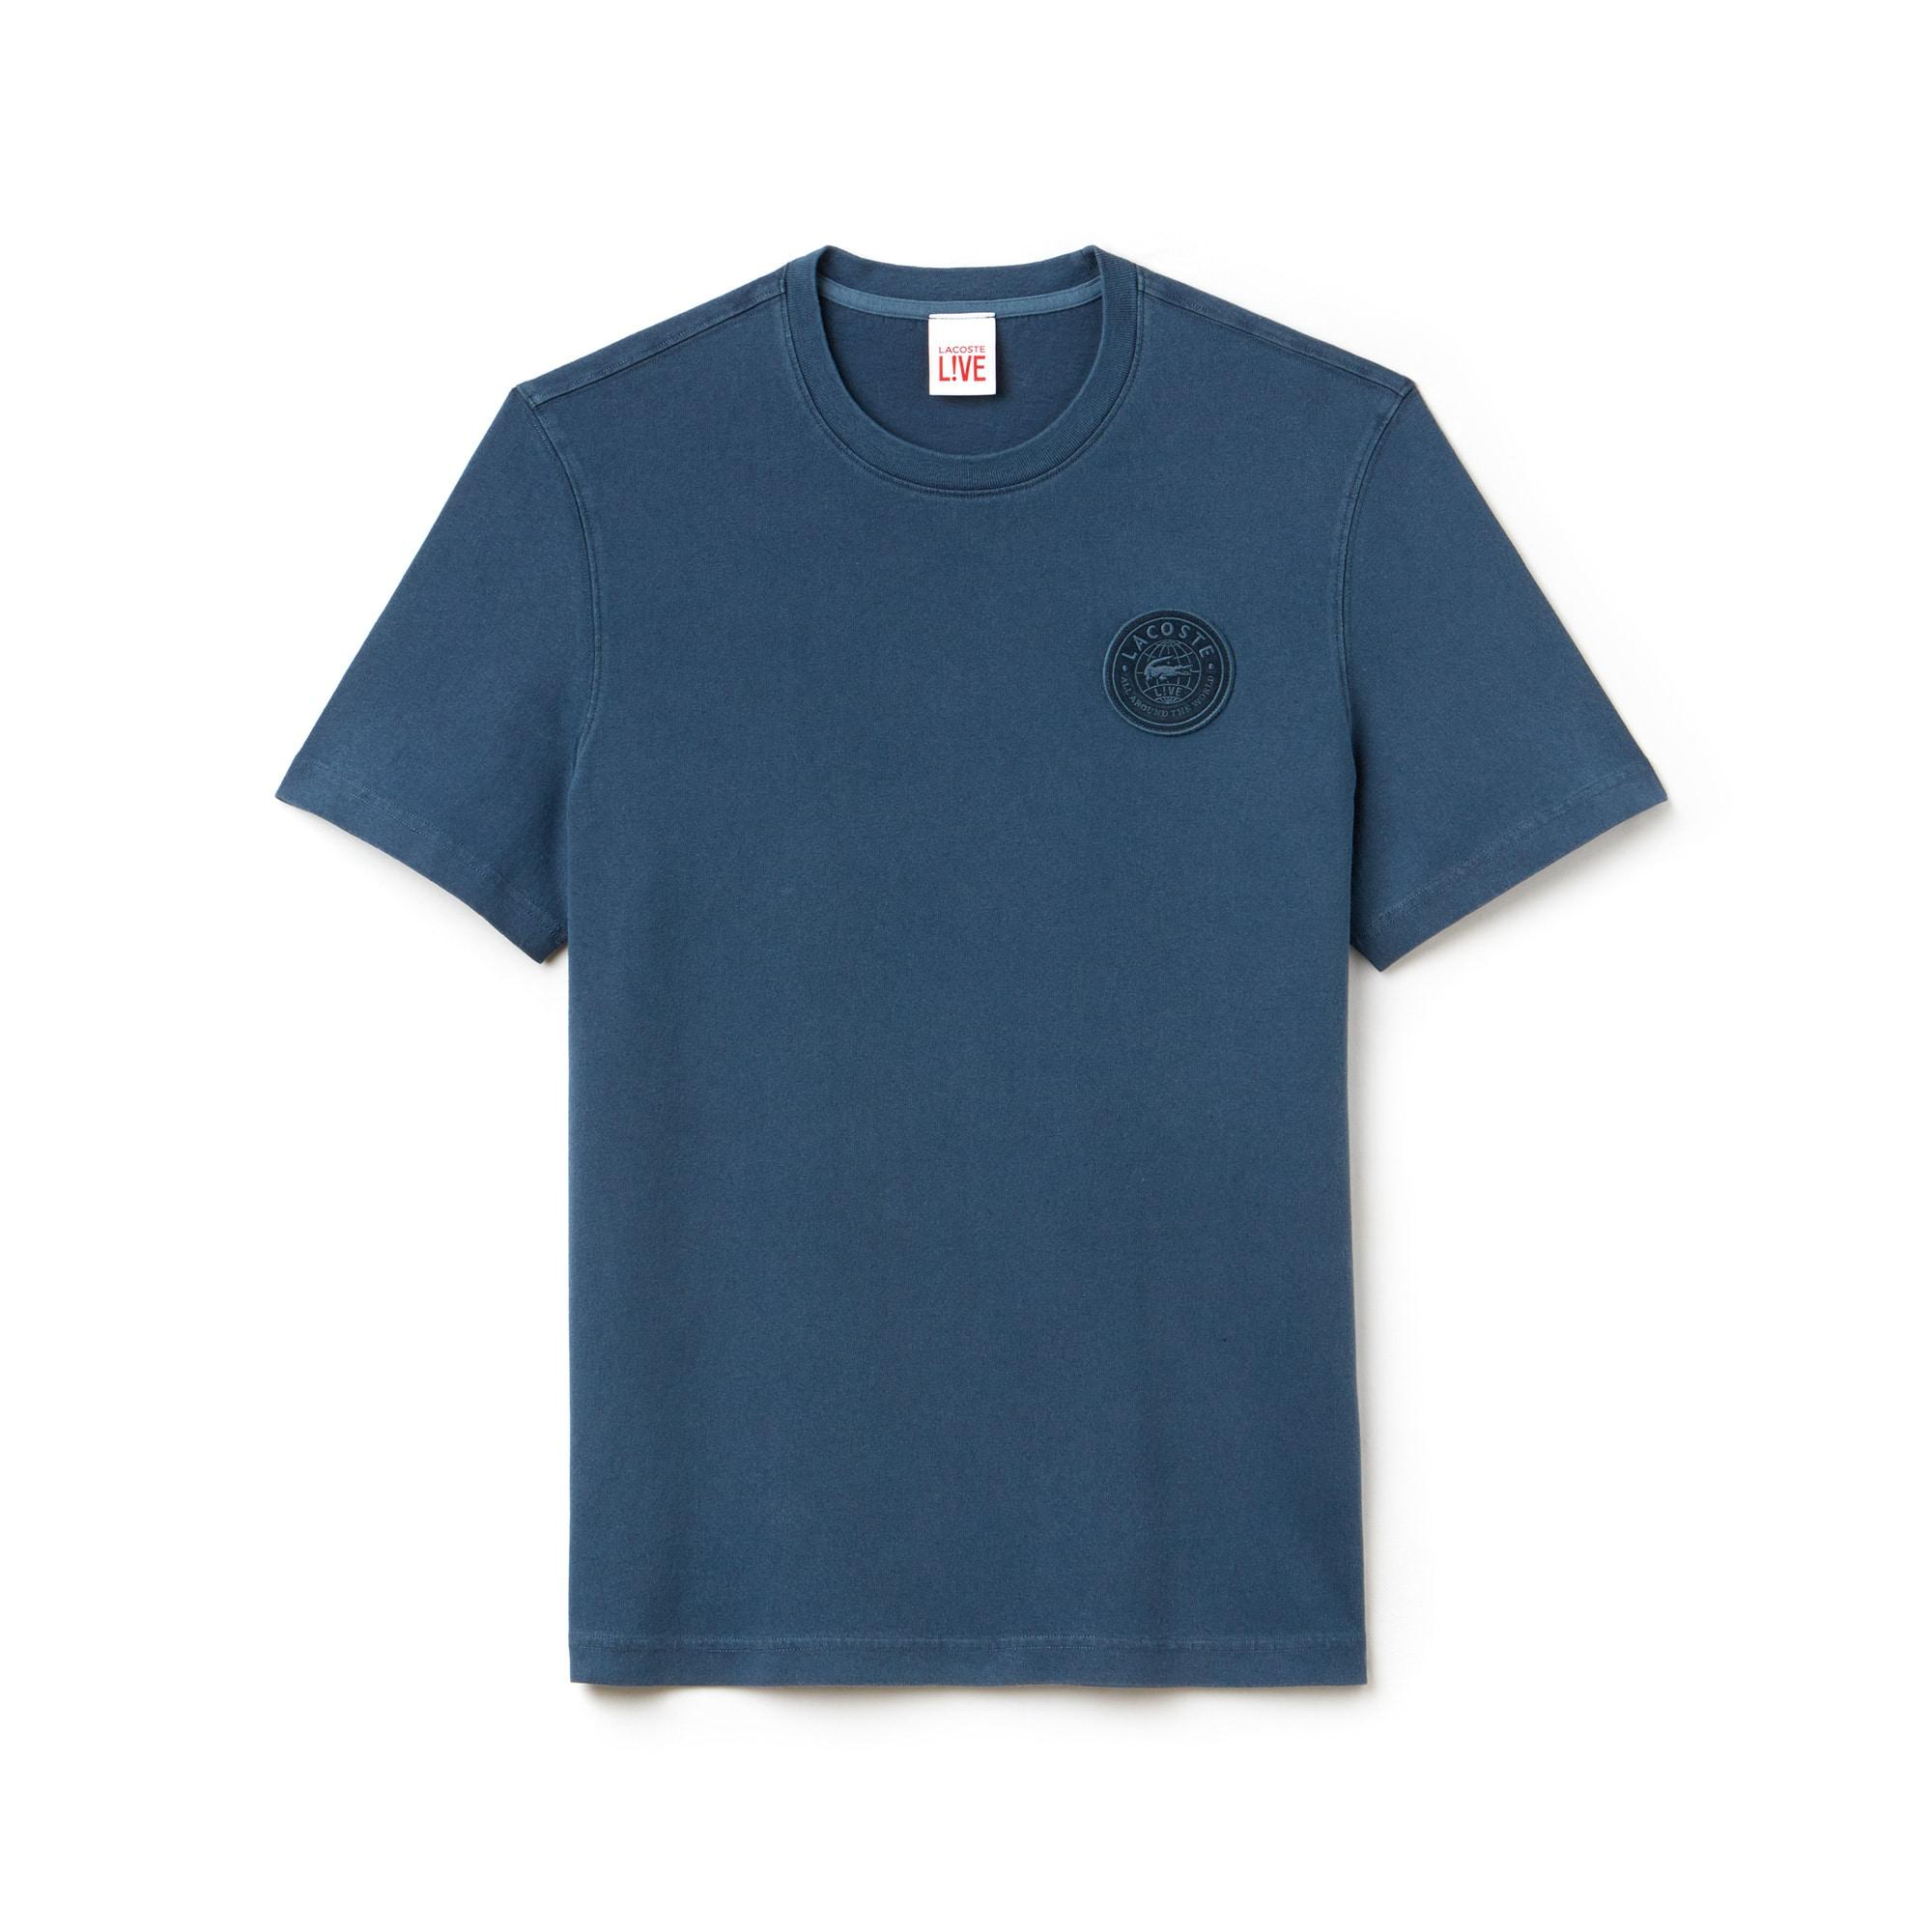 Herren-Rundhals-T-Shirt aus gebleichtem Jersey LACOSTE L!VE